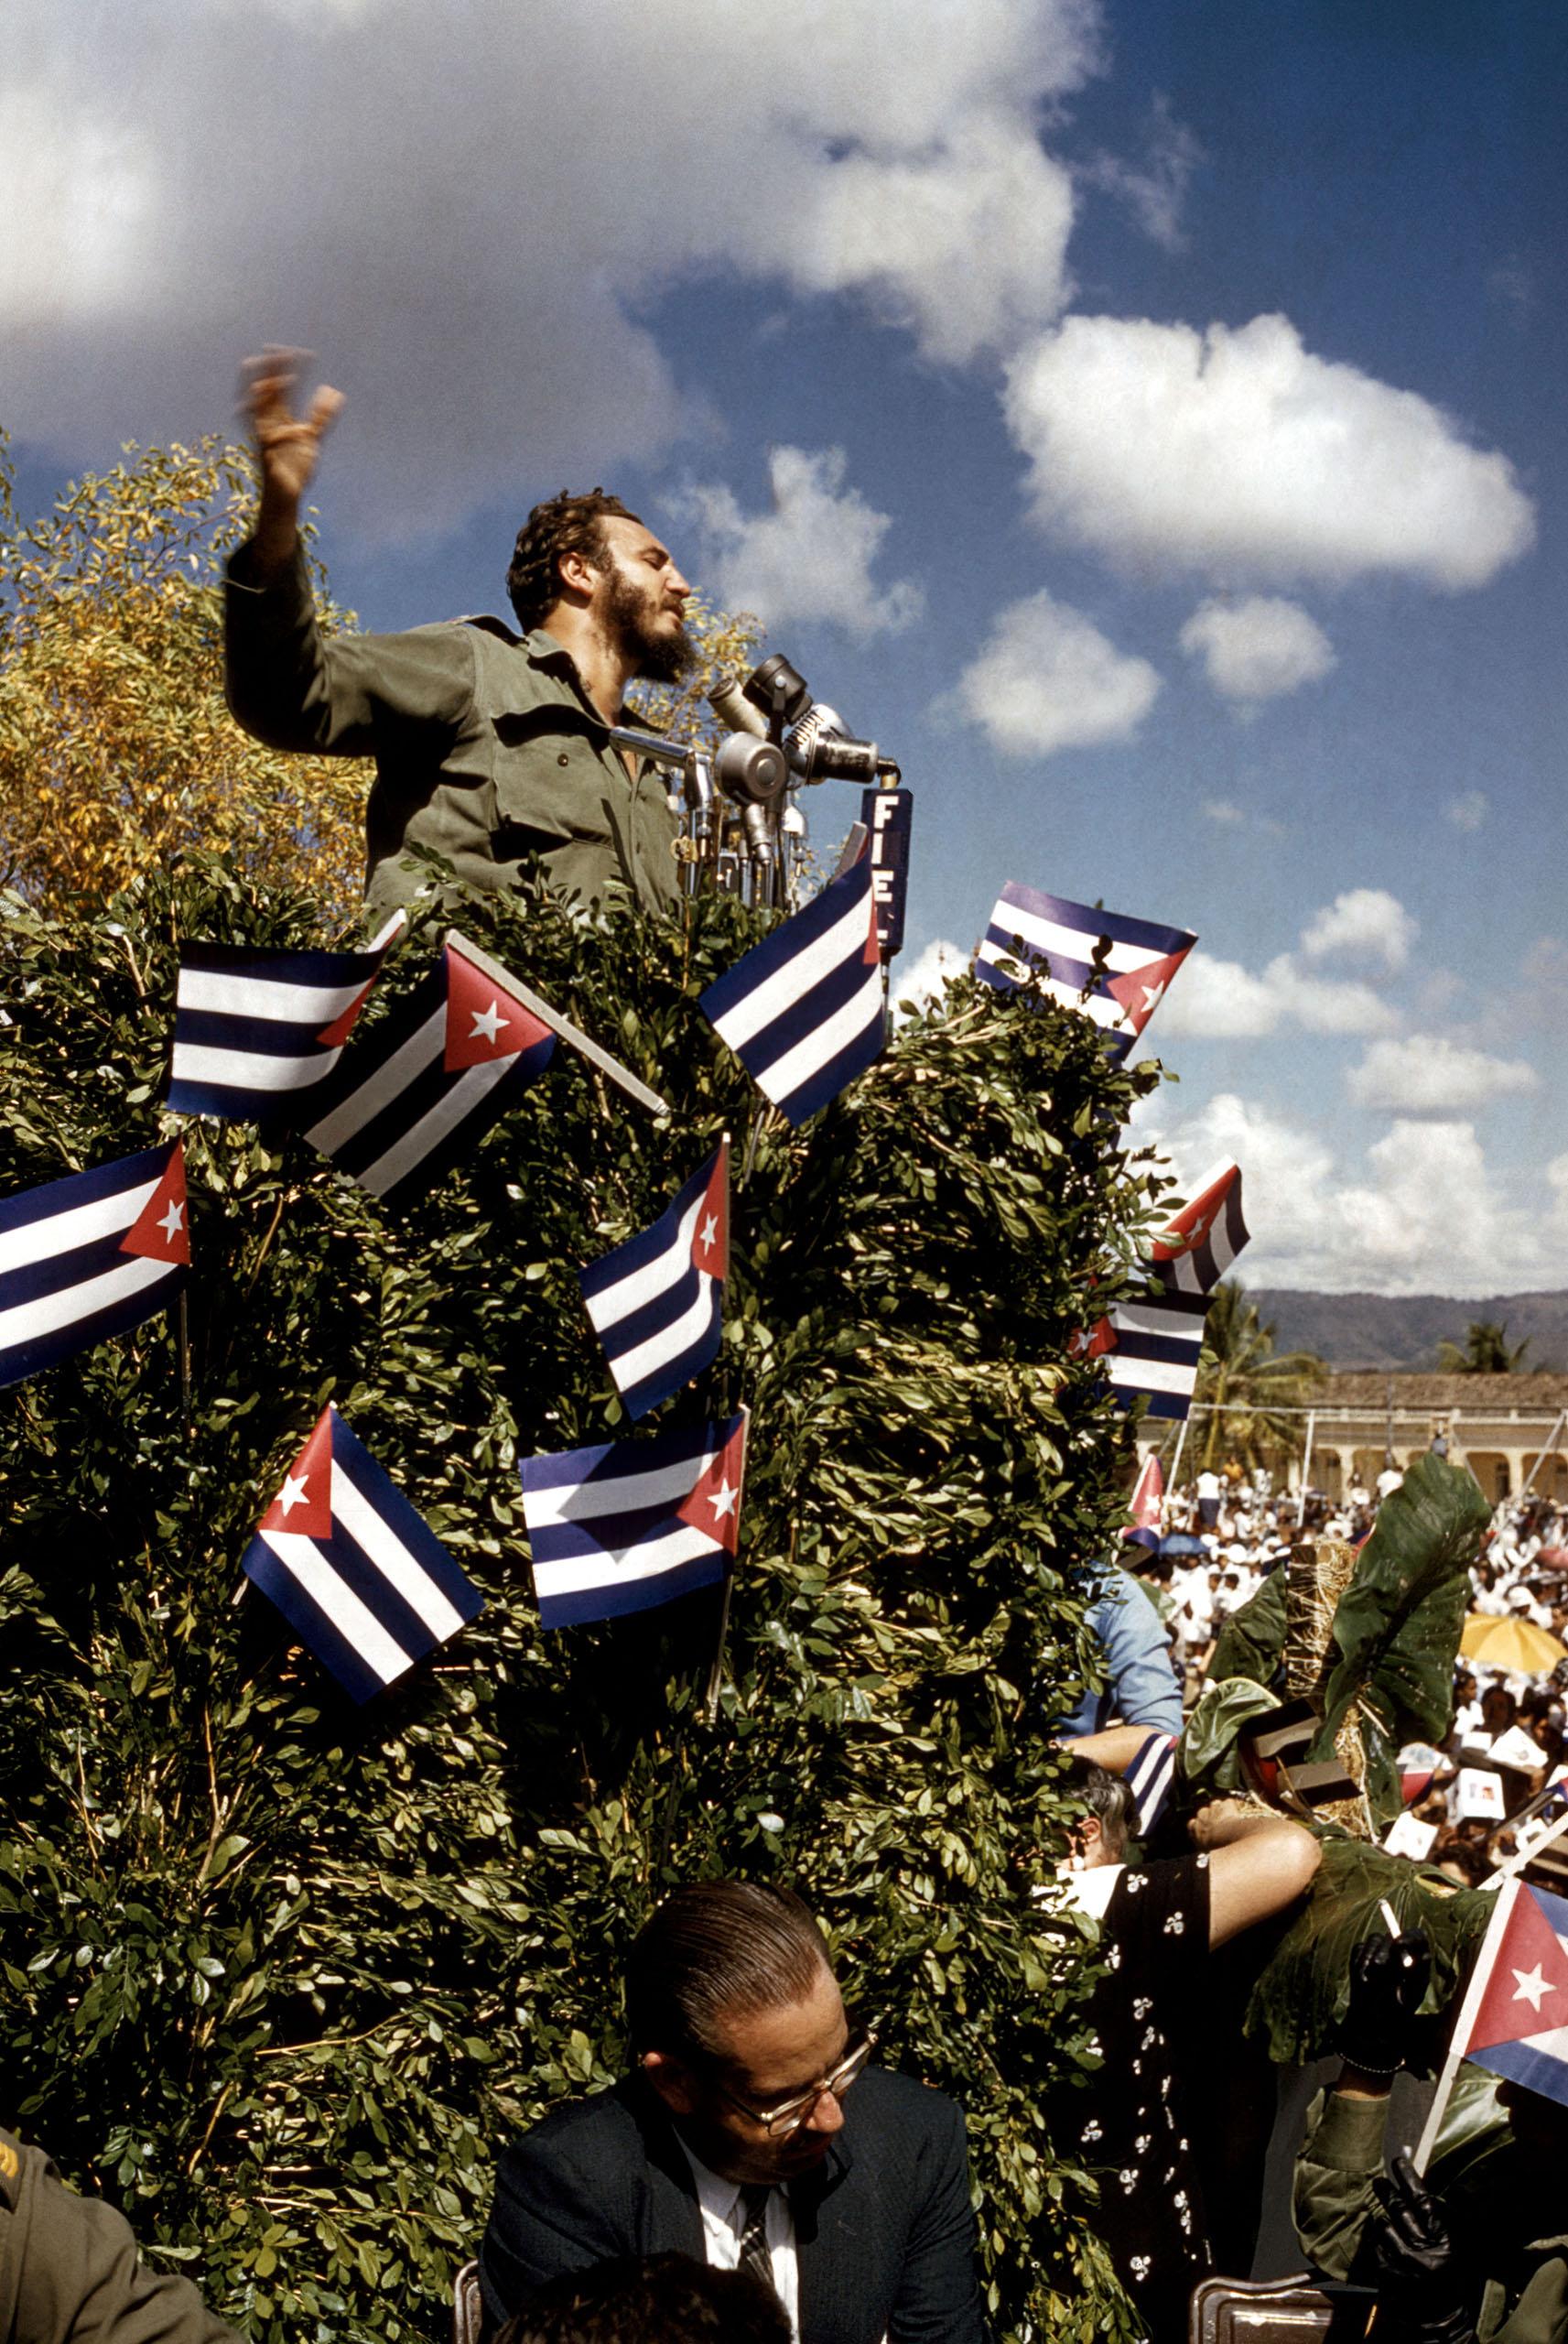 Cuba's Fidel Castro delivers a speech in 1960.